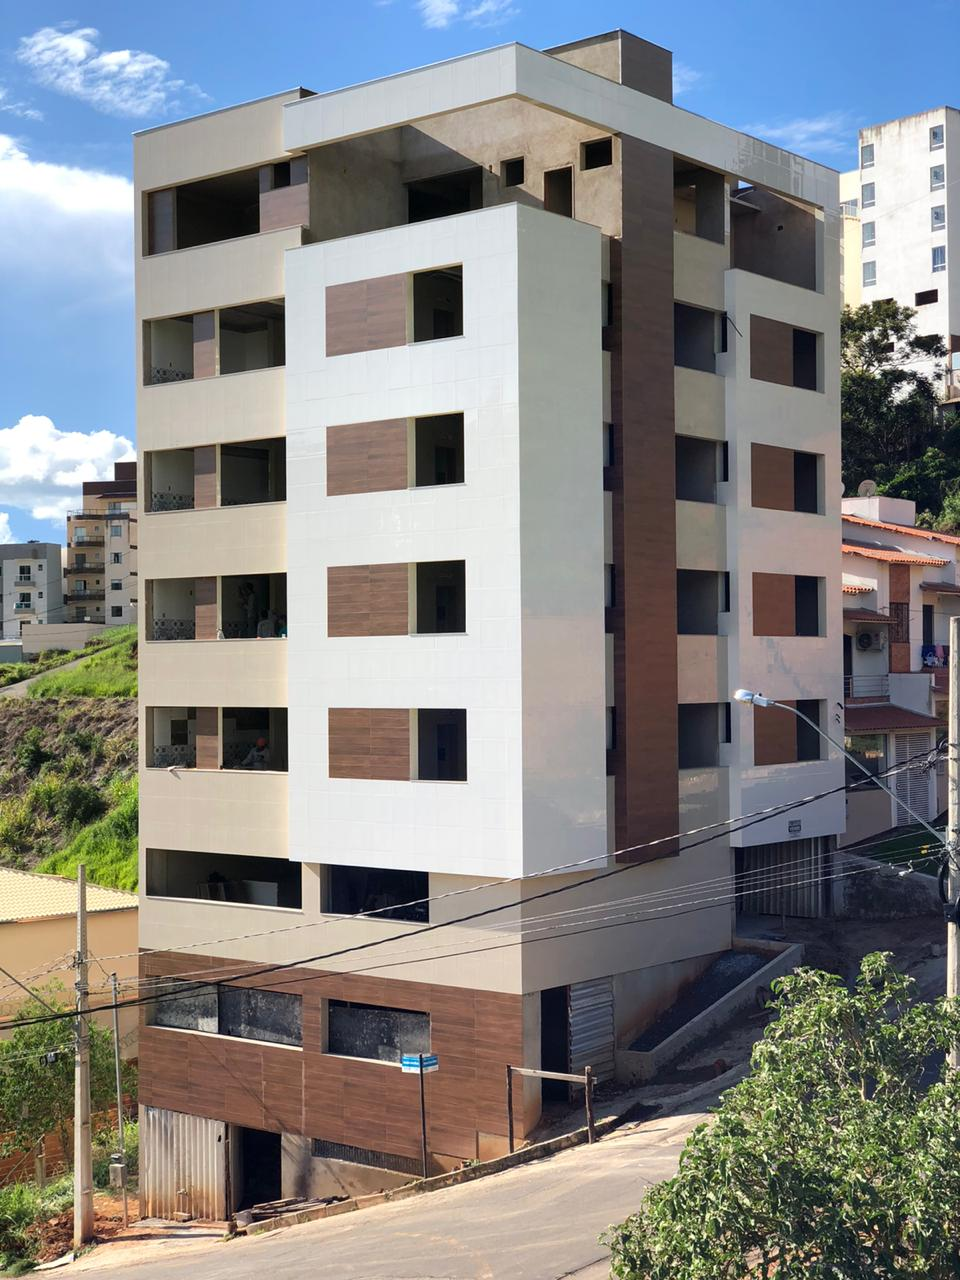 Residencial Miguel Arcanjo